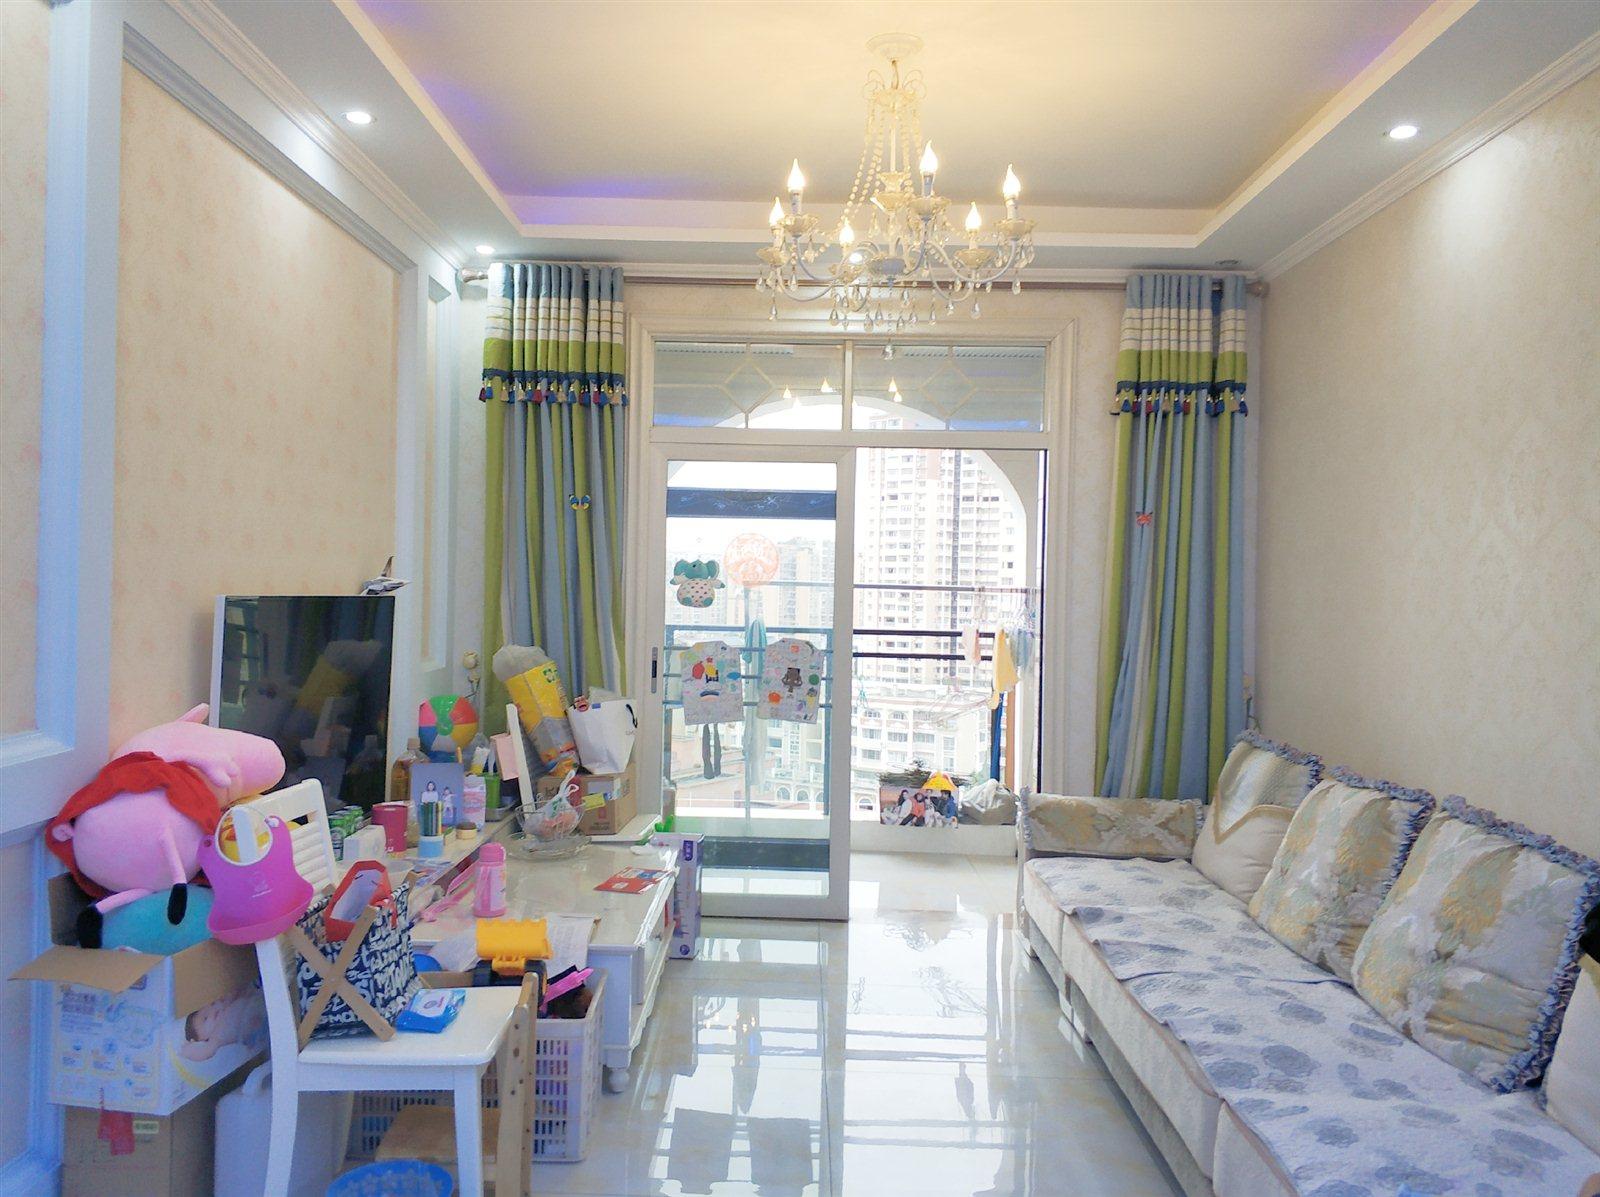 巴塞罗娜精装2室临近丽雅学校古街佳缘超市天际上城